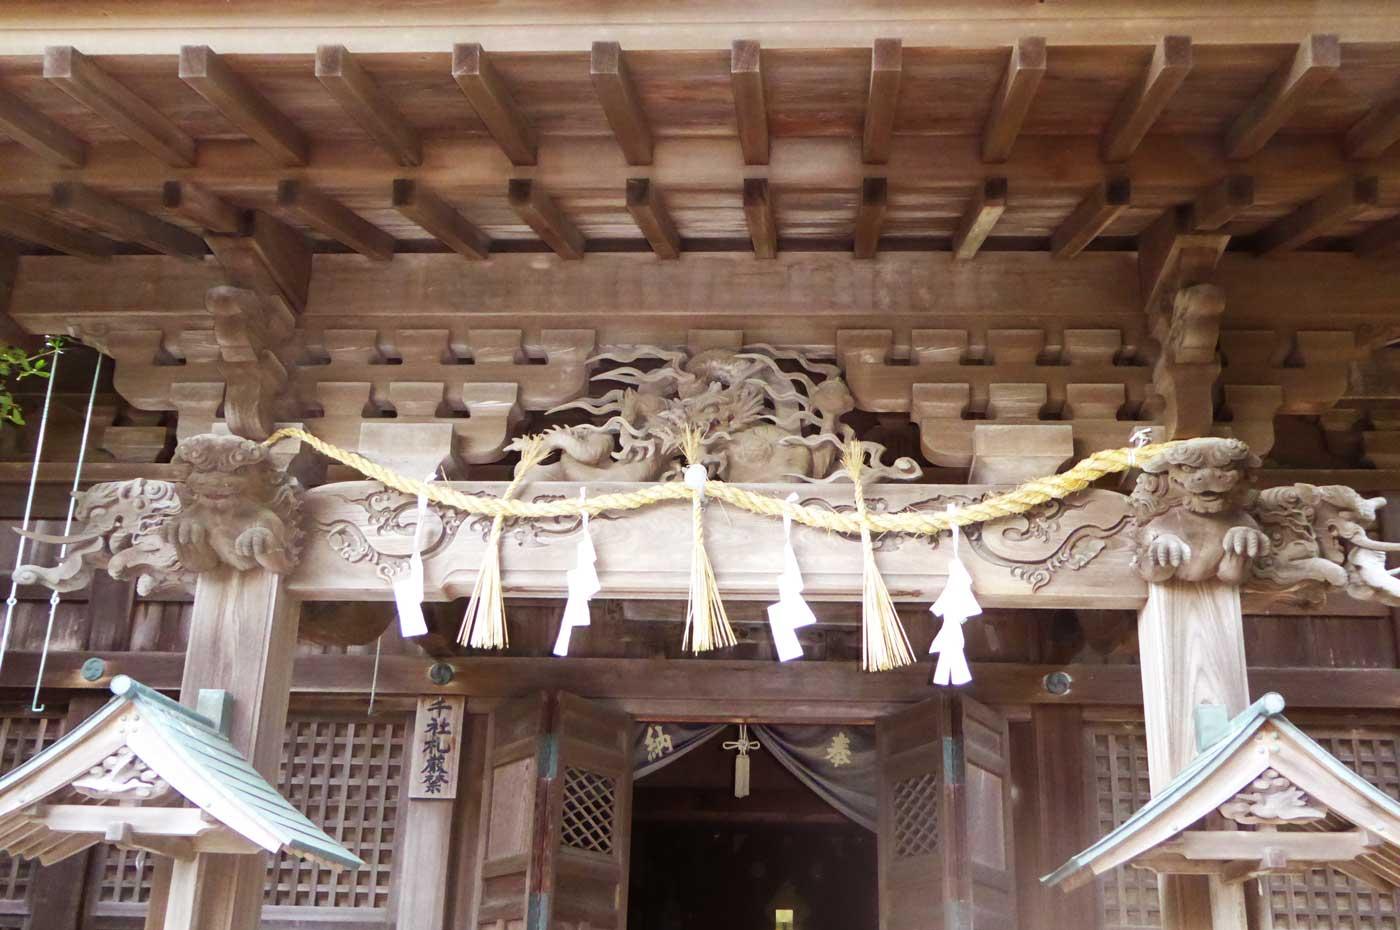 諏訪神社の龍と獅子の彫刻